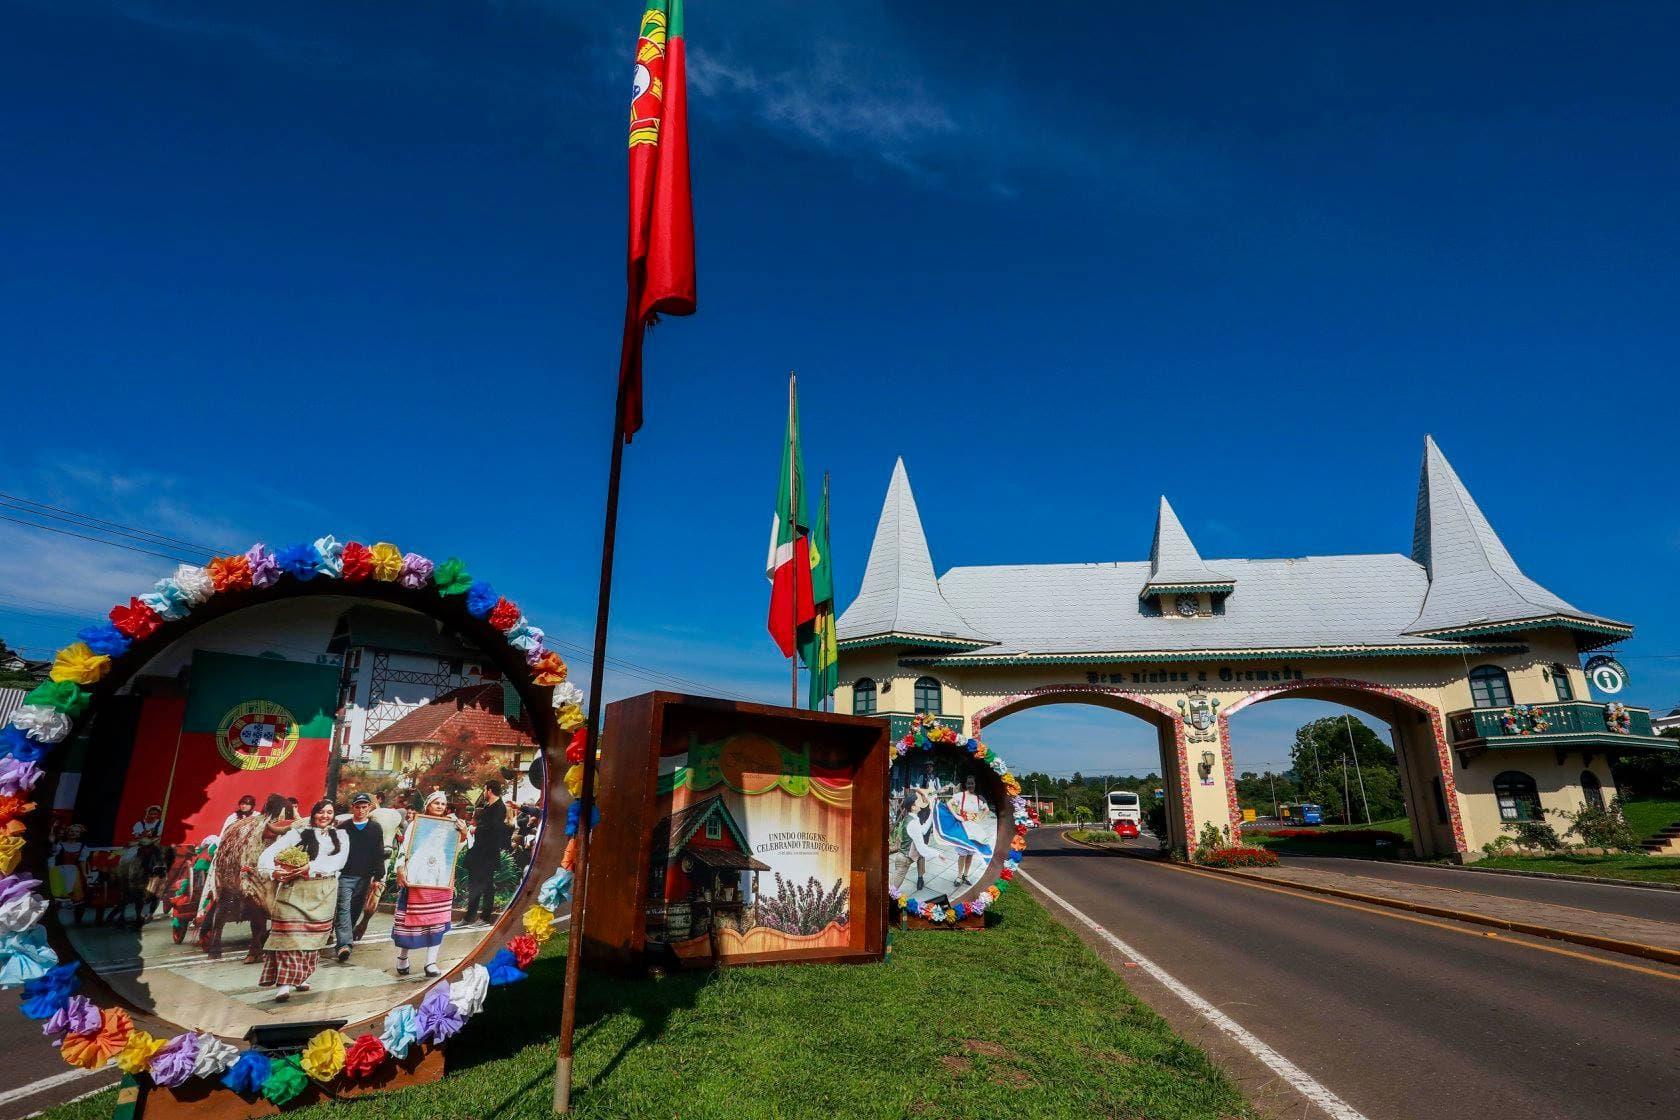 Festa da Colônia em Gramado: Conheça a Festa que Homenageia as Raízes da Cidade